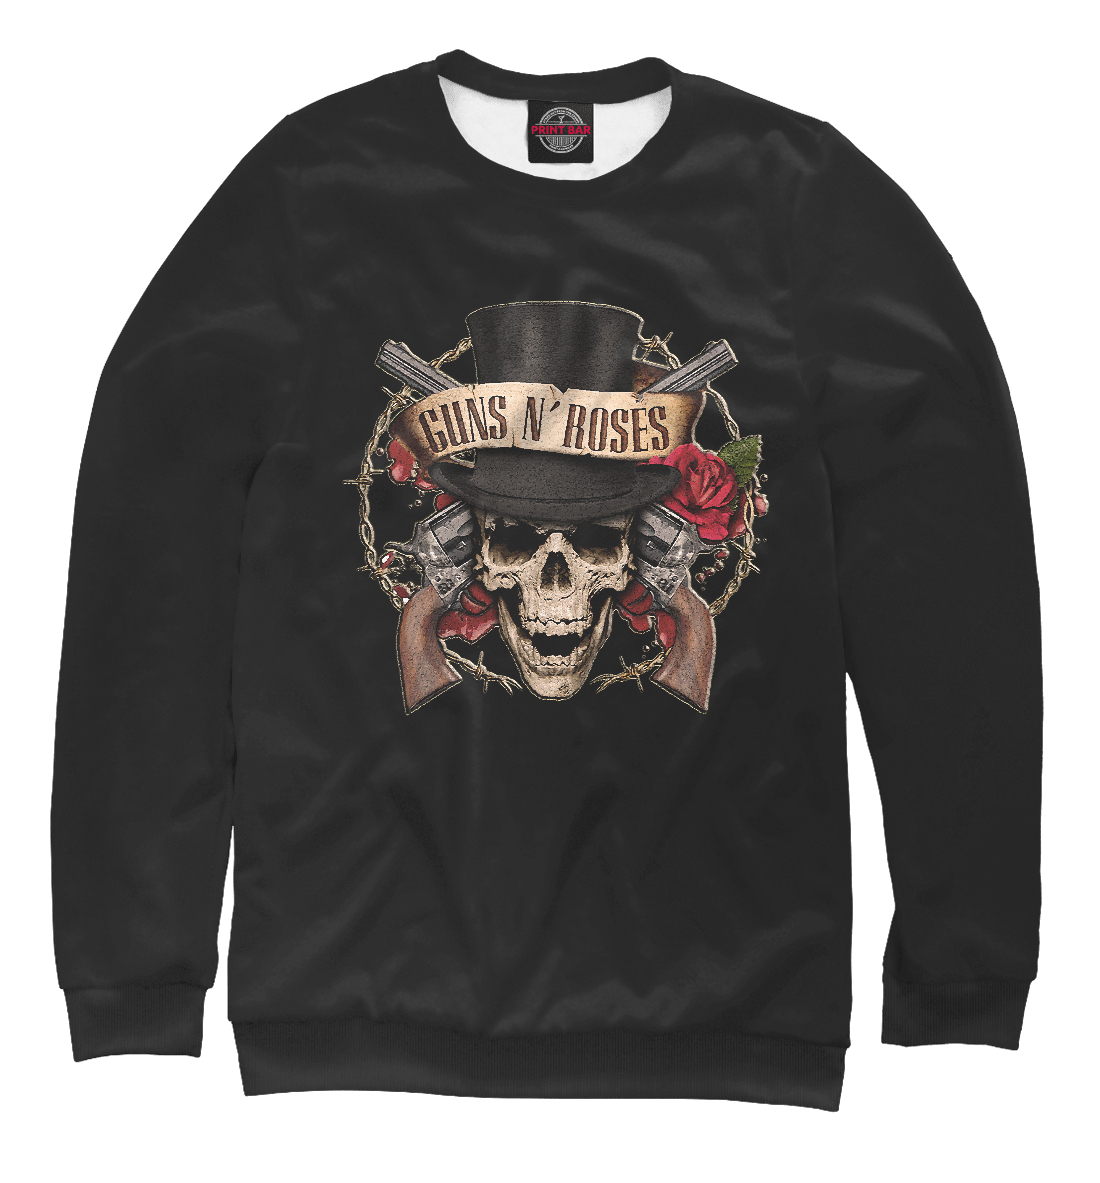 Купить Guns N' Roses, Printbar, Свитшоты, GNR-866775-swi-2